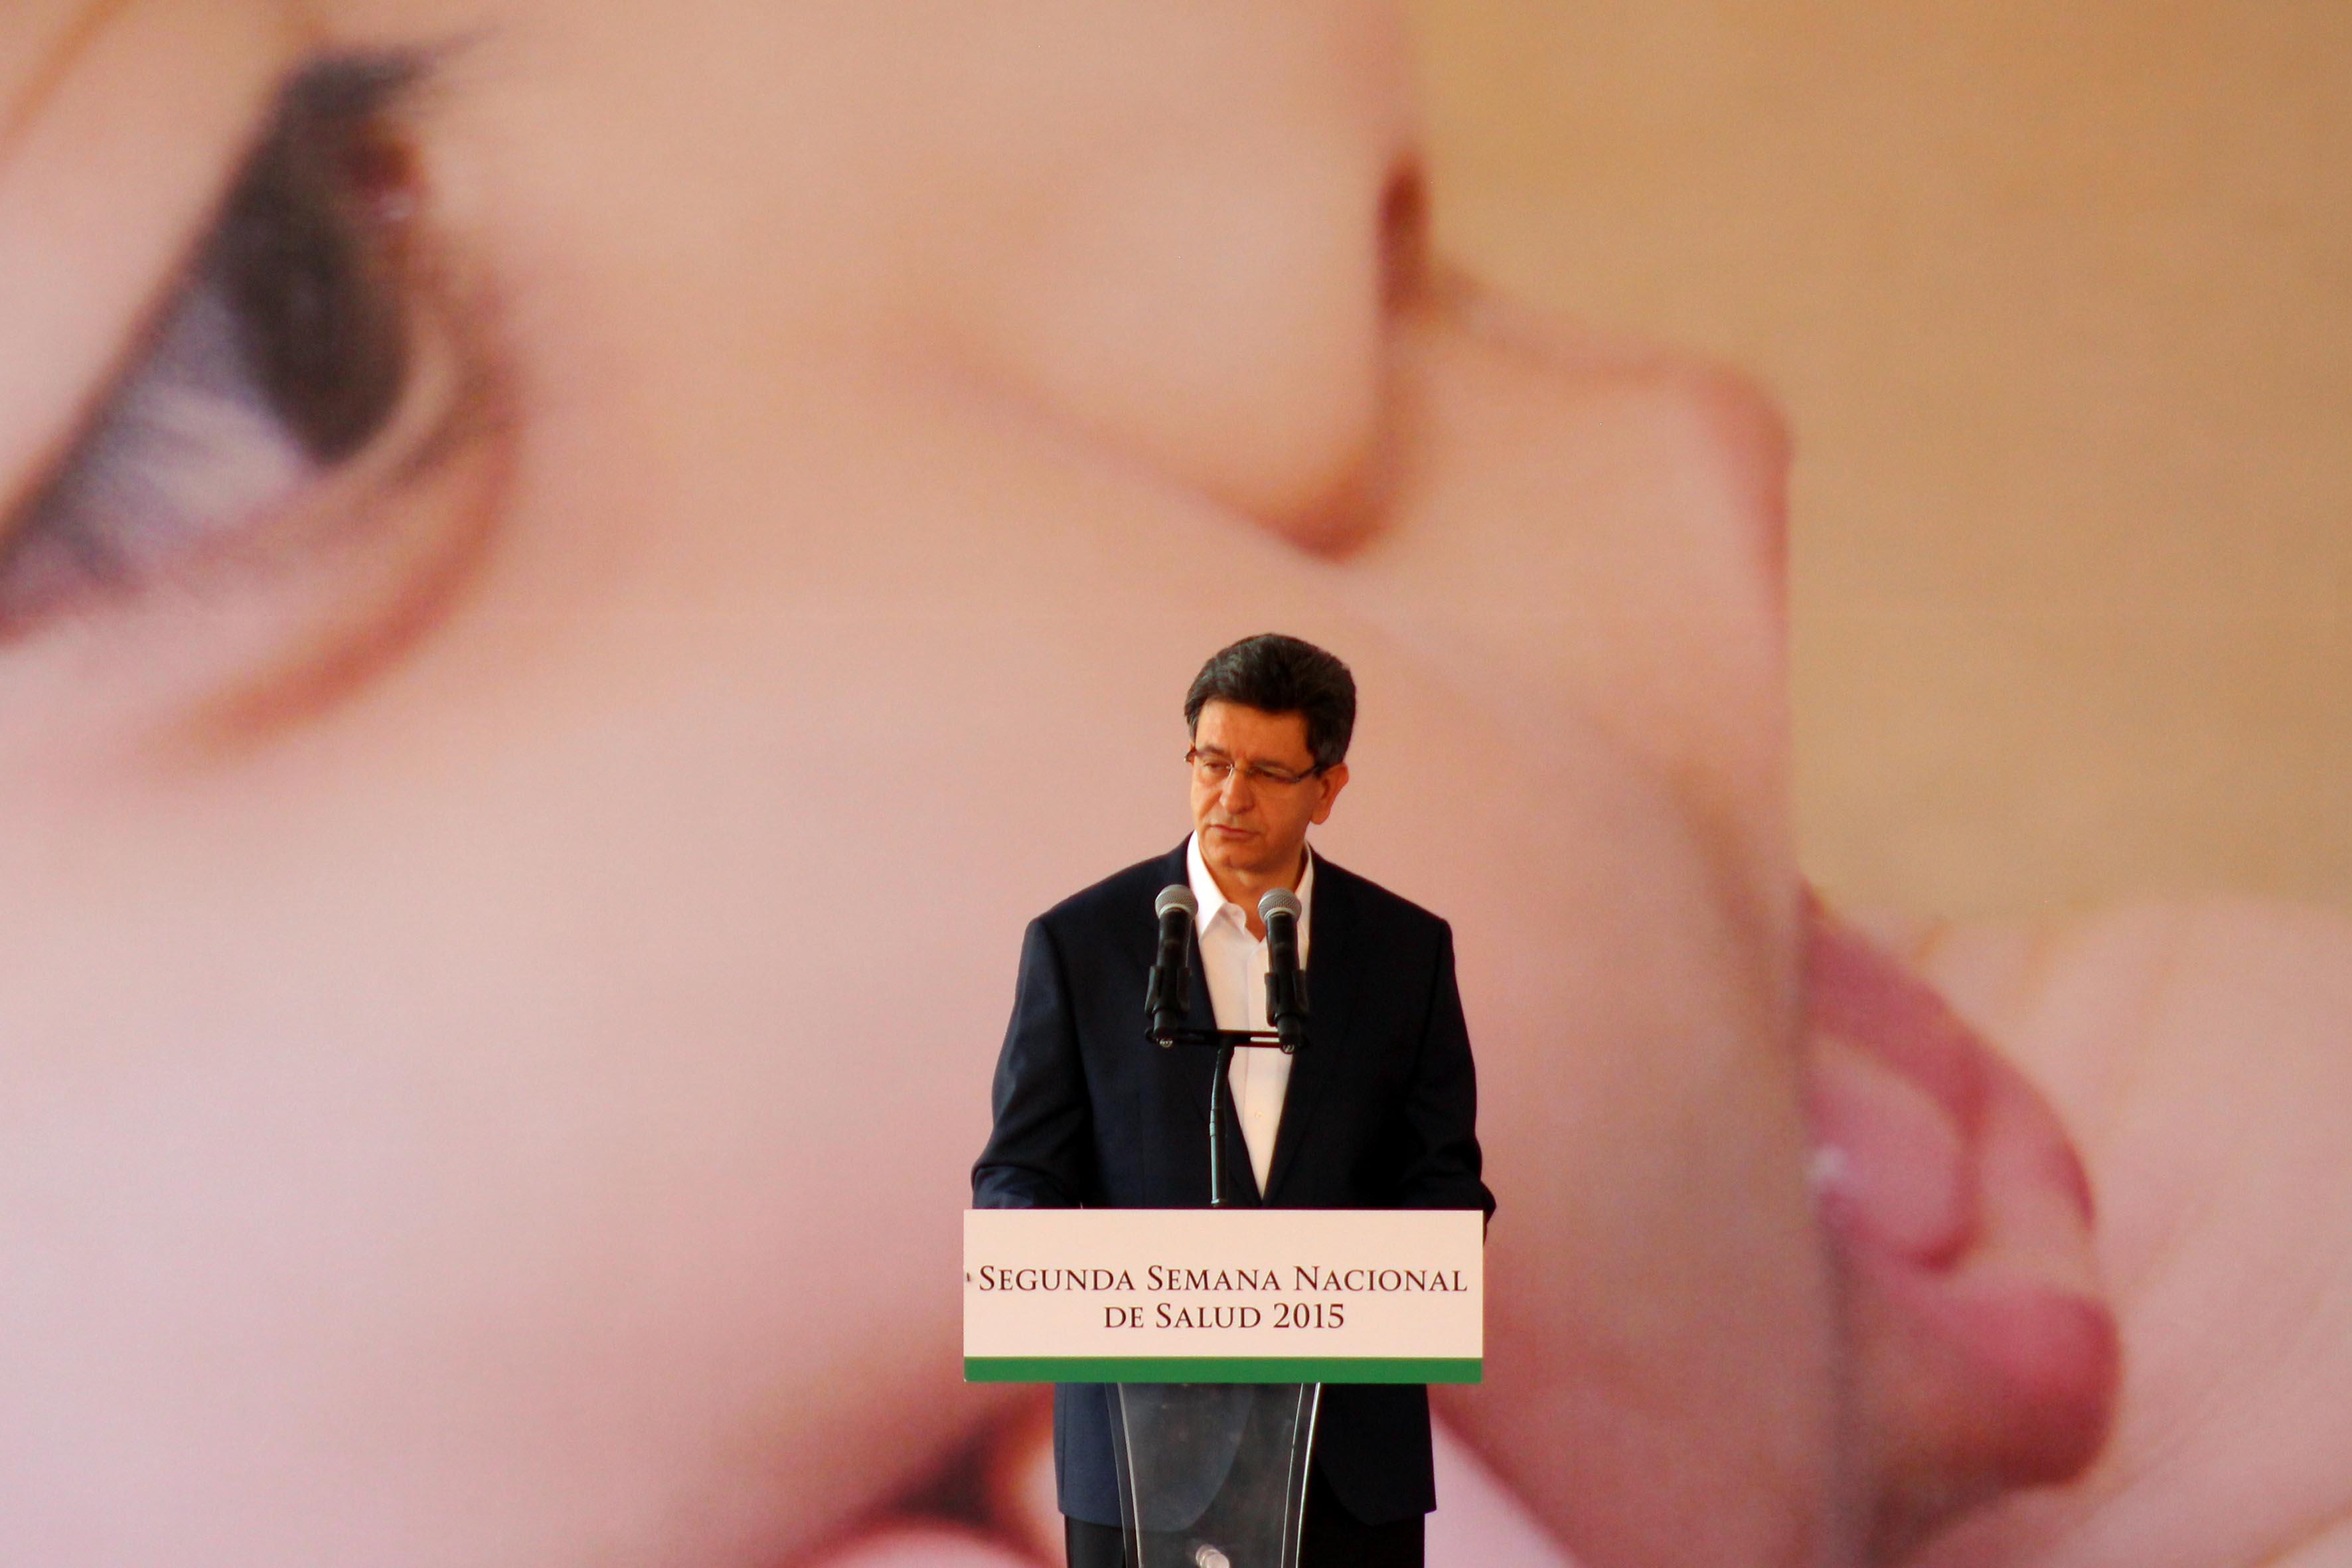 Puesta en marcha de la Jornada intensiva de Vacunación y acciones preventivas de salud.